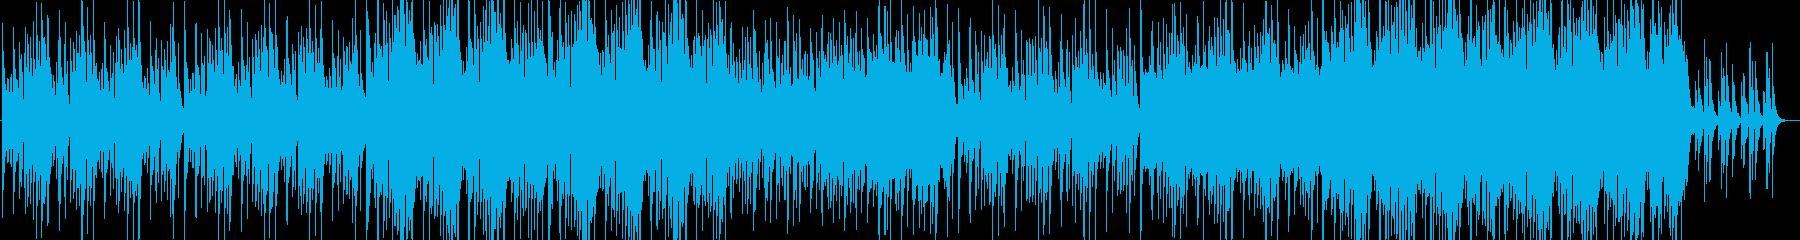 おしゃれできらびやかな和風BGMの再生済みの波形